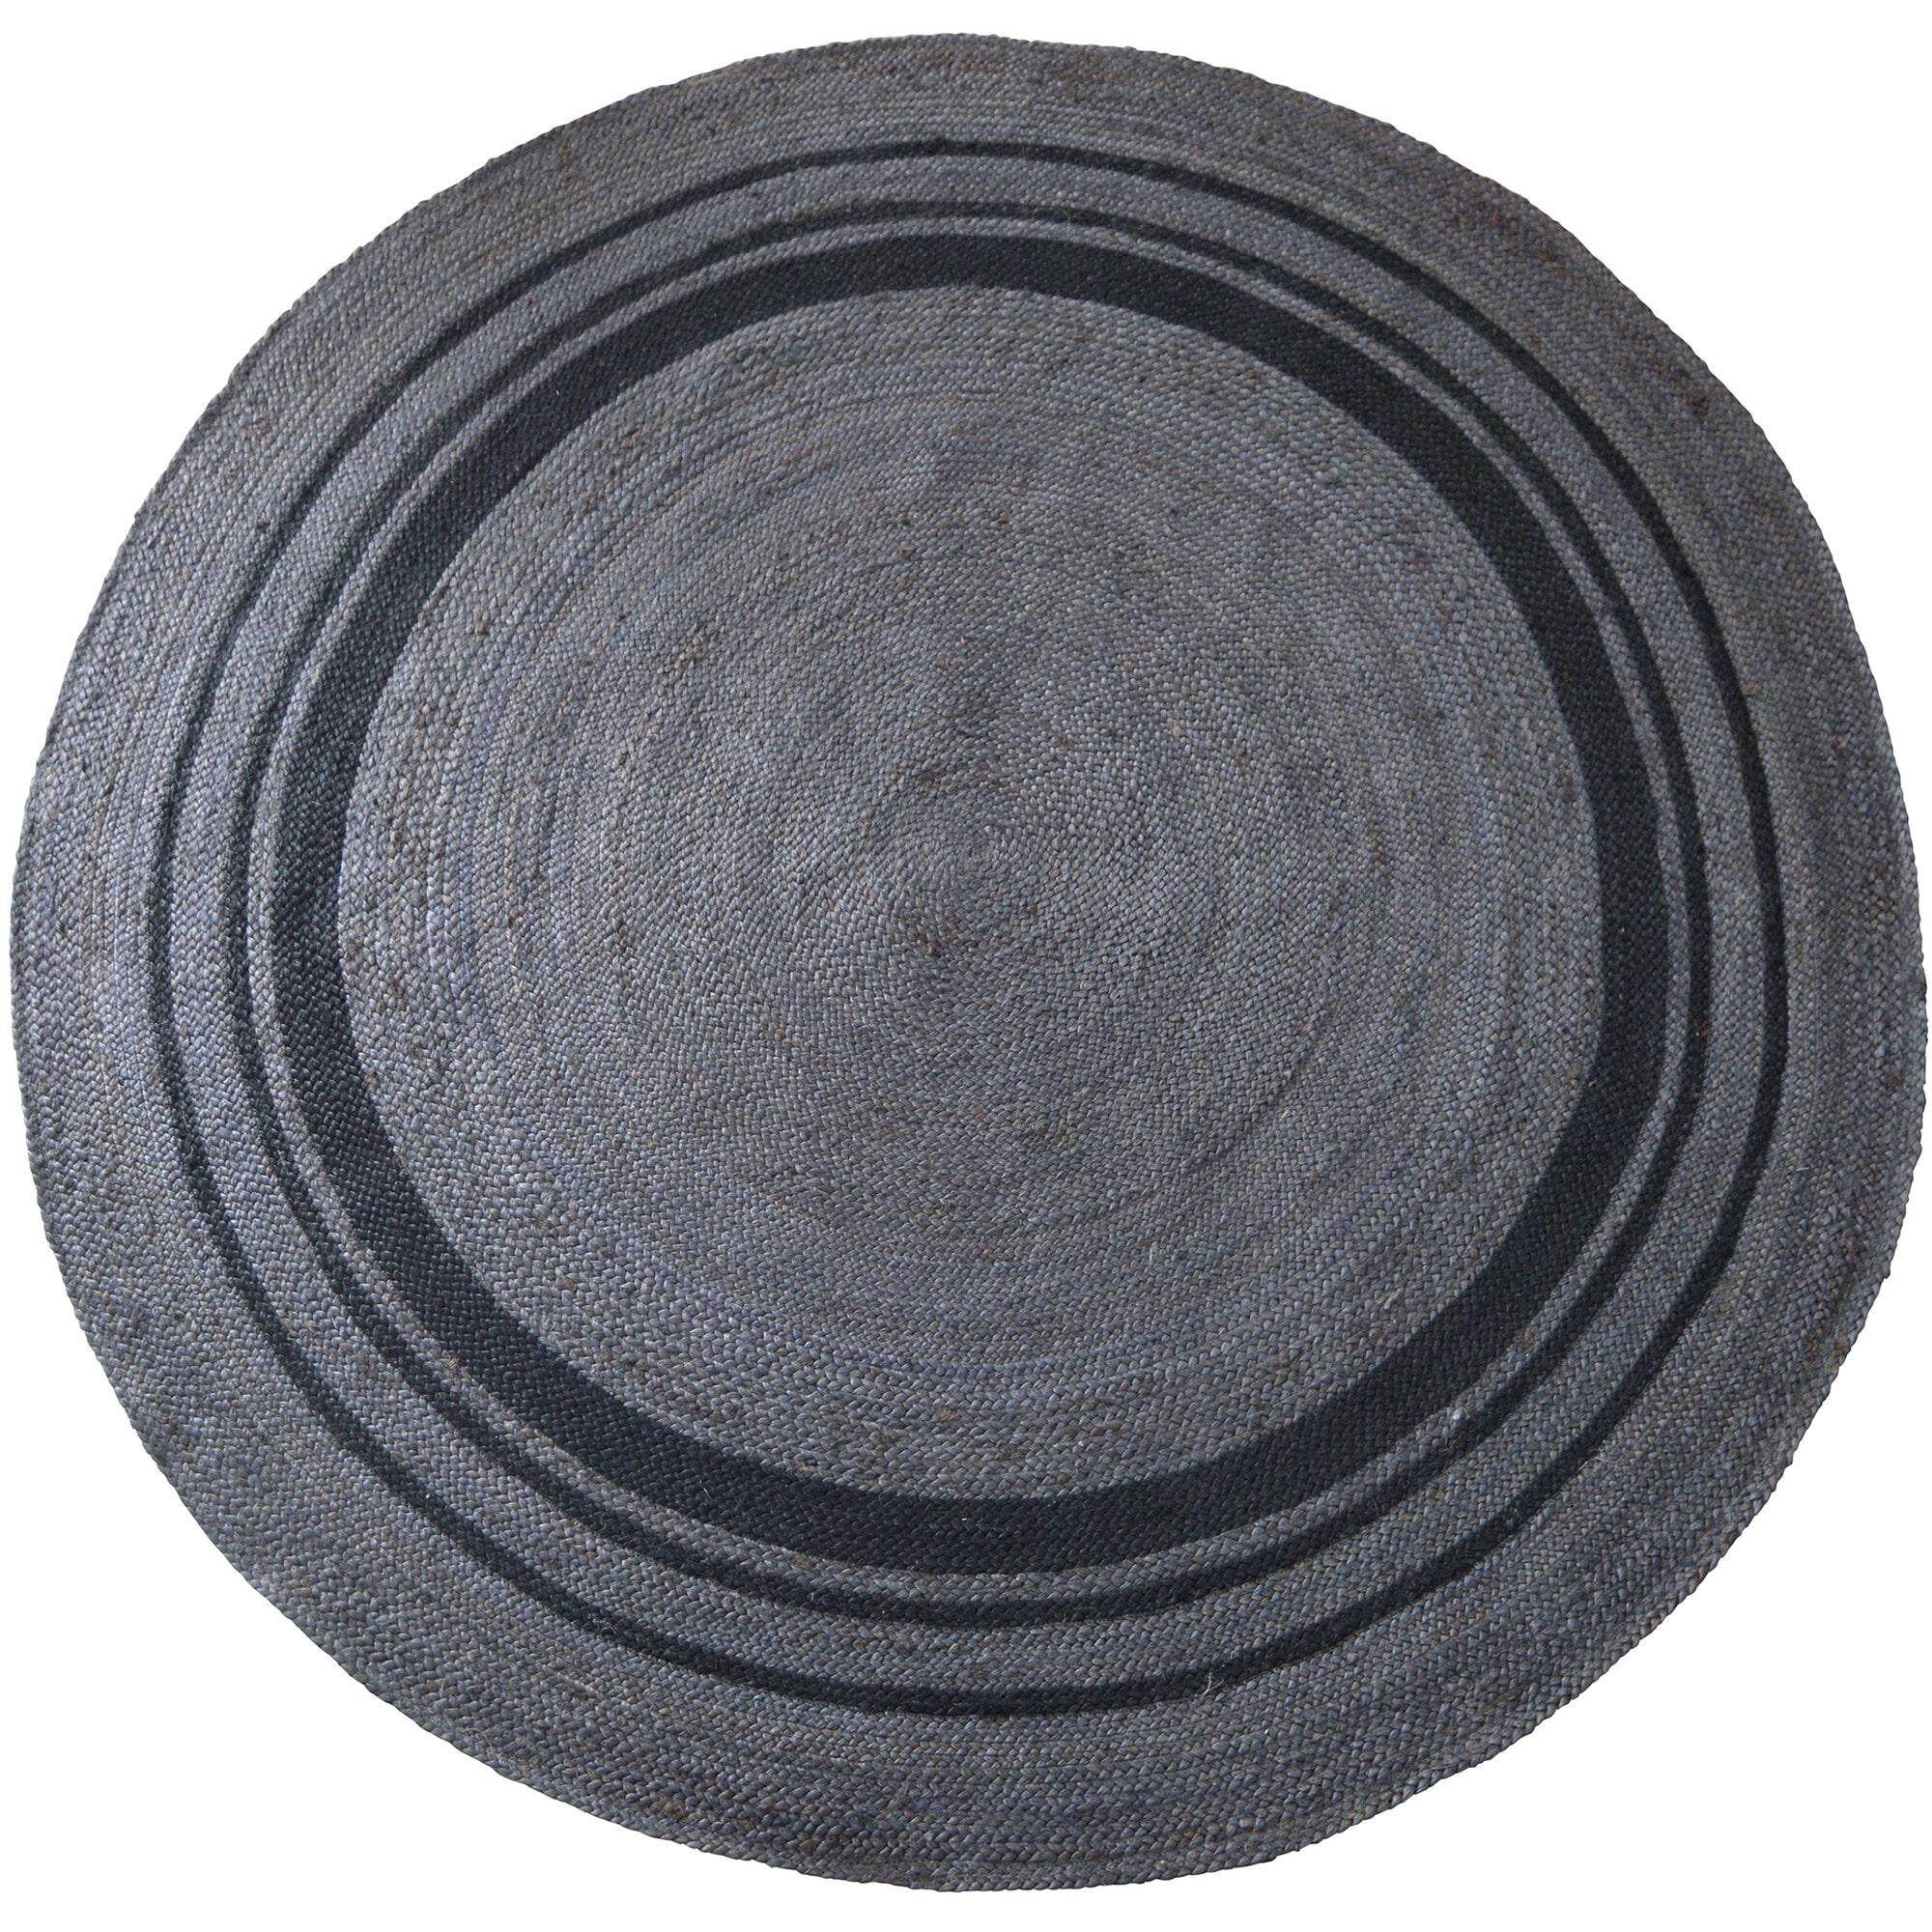 BePureHome Vloerkleed 'Coarse' 200cm, kleur grijs